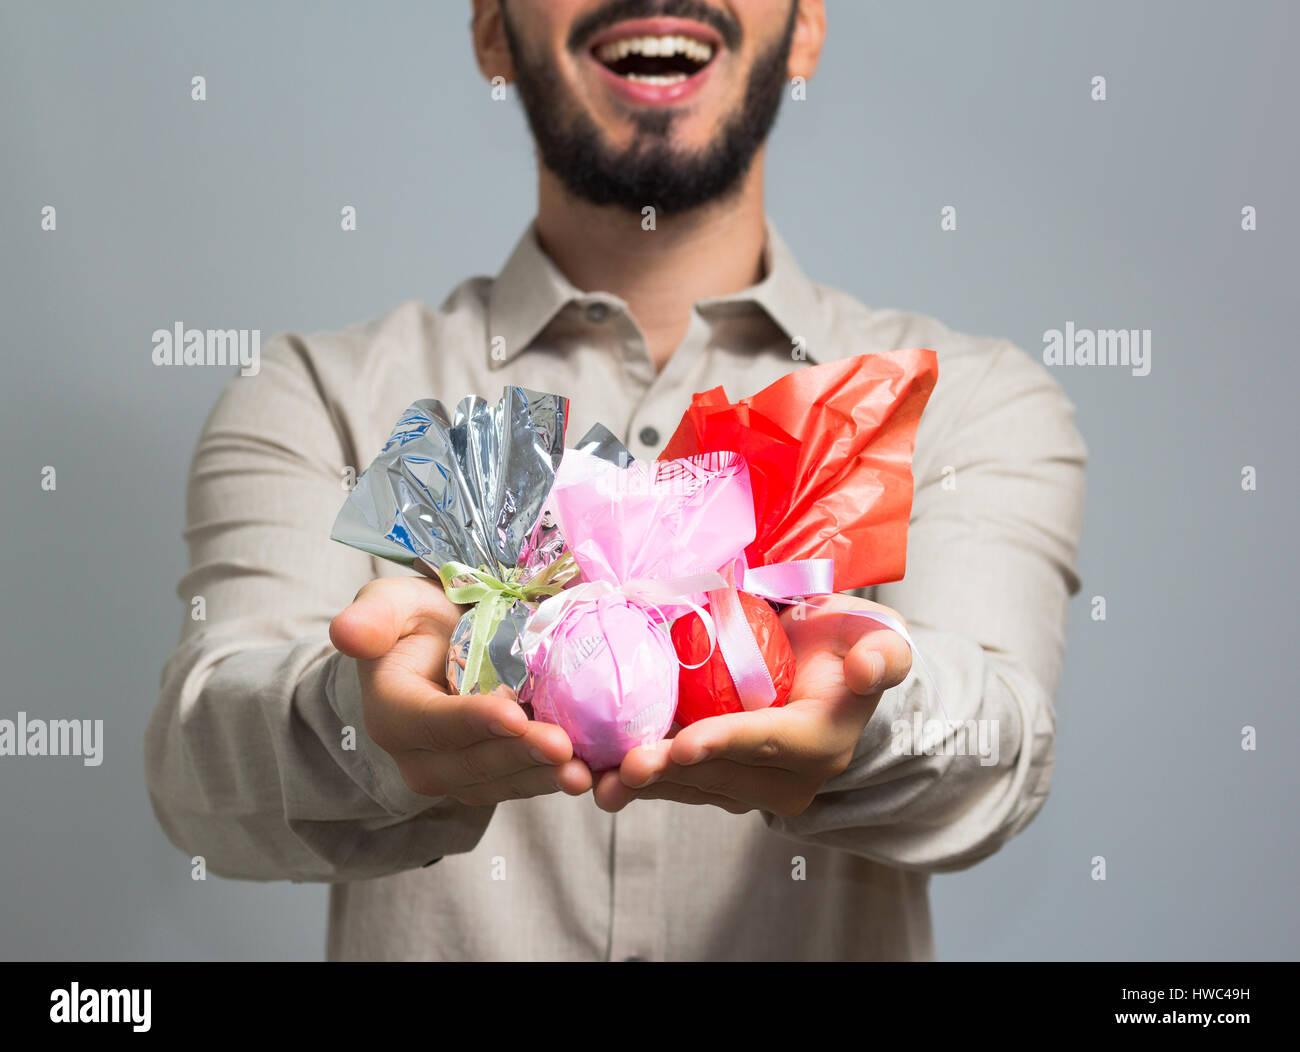 L'homme de remettre les oeufs de pâques assorties avec un grand sourire sur son visage. Homme portant un Photo Stock